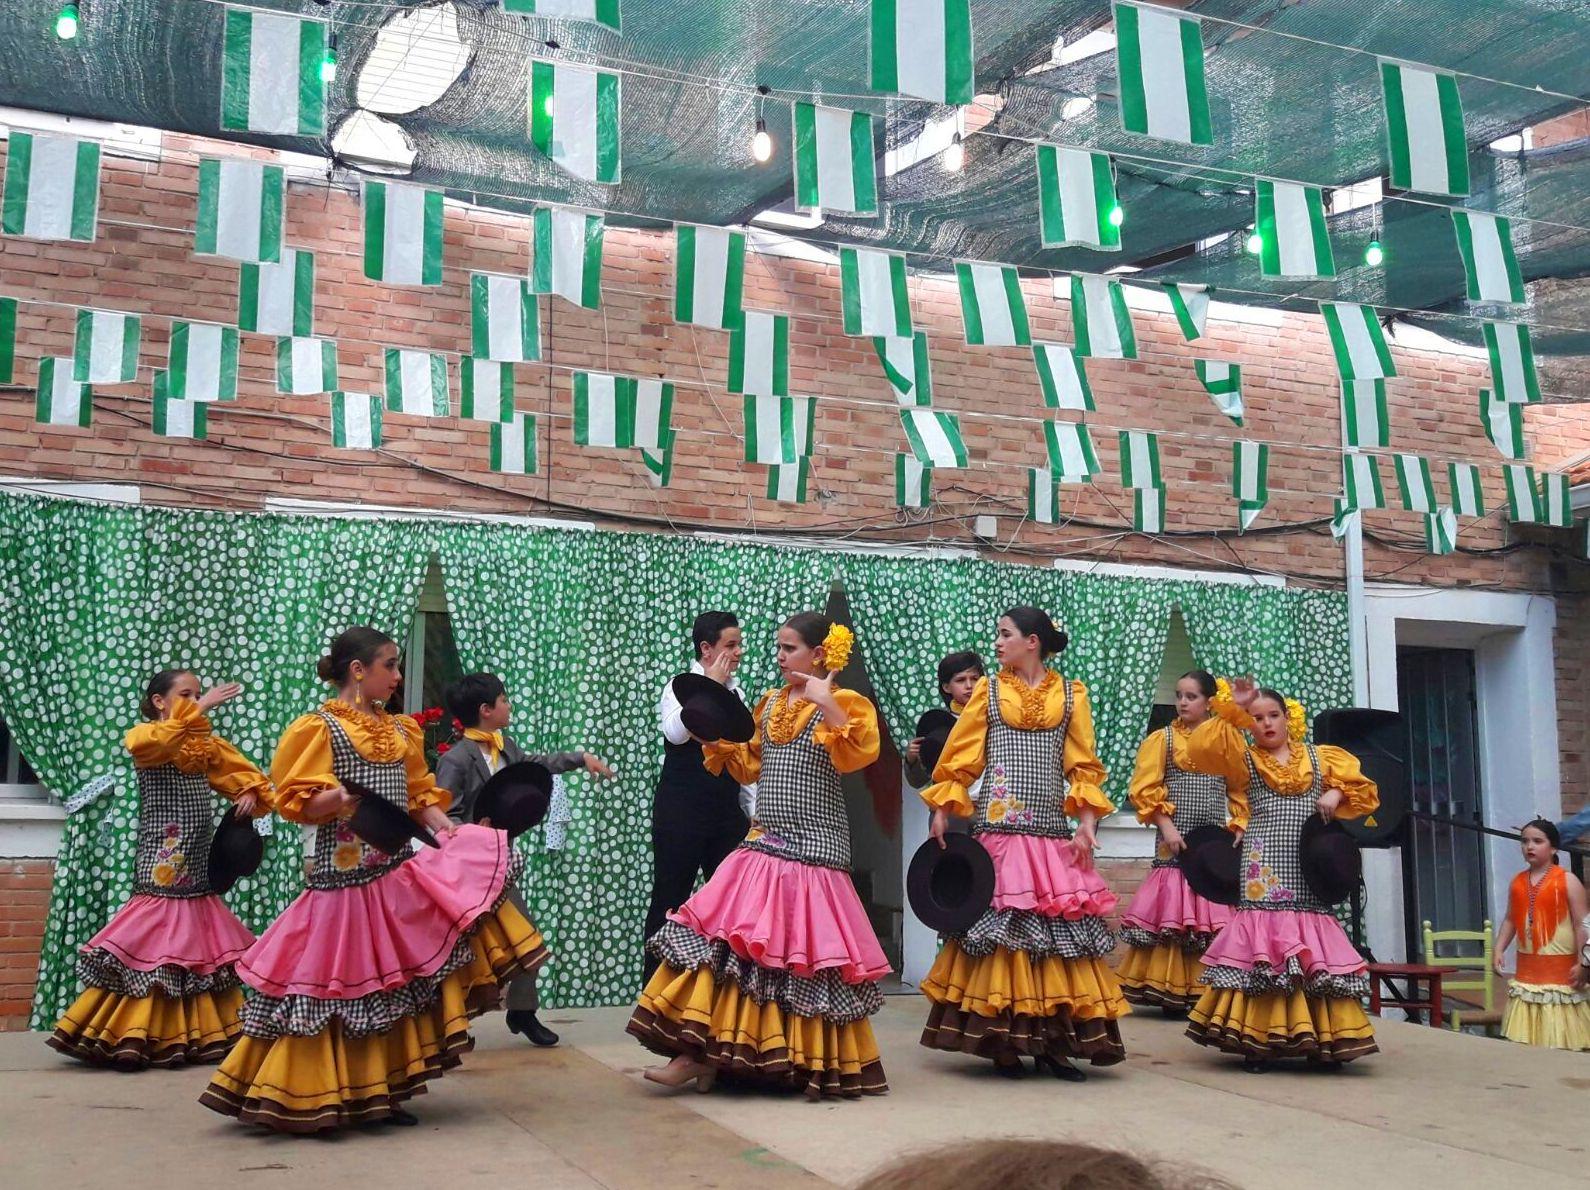 Foto 8 de Escuelas de música, danza e interpretación en Alcalá de Henares | Escuela de Danza Pepe Vento